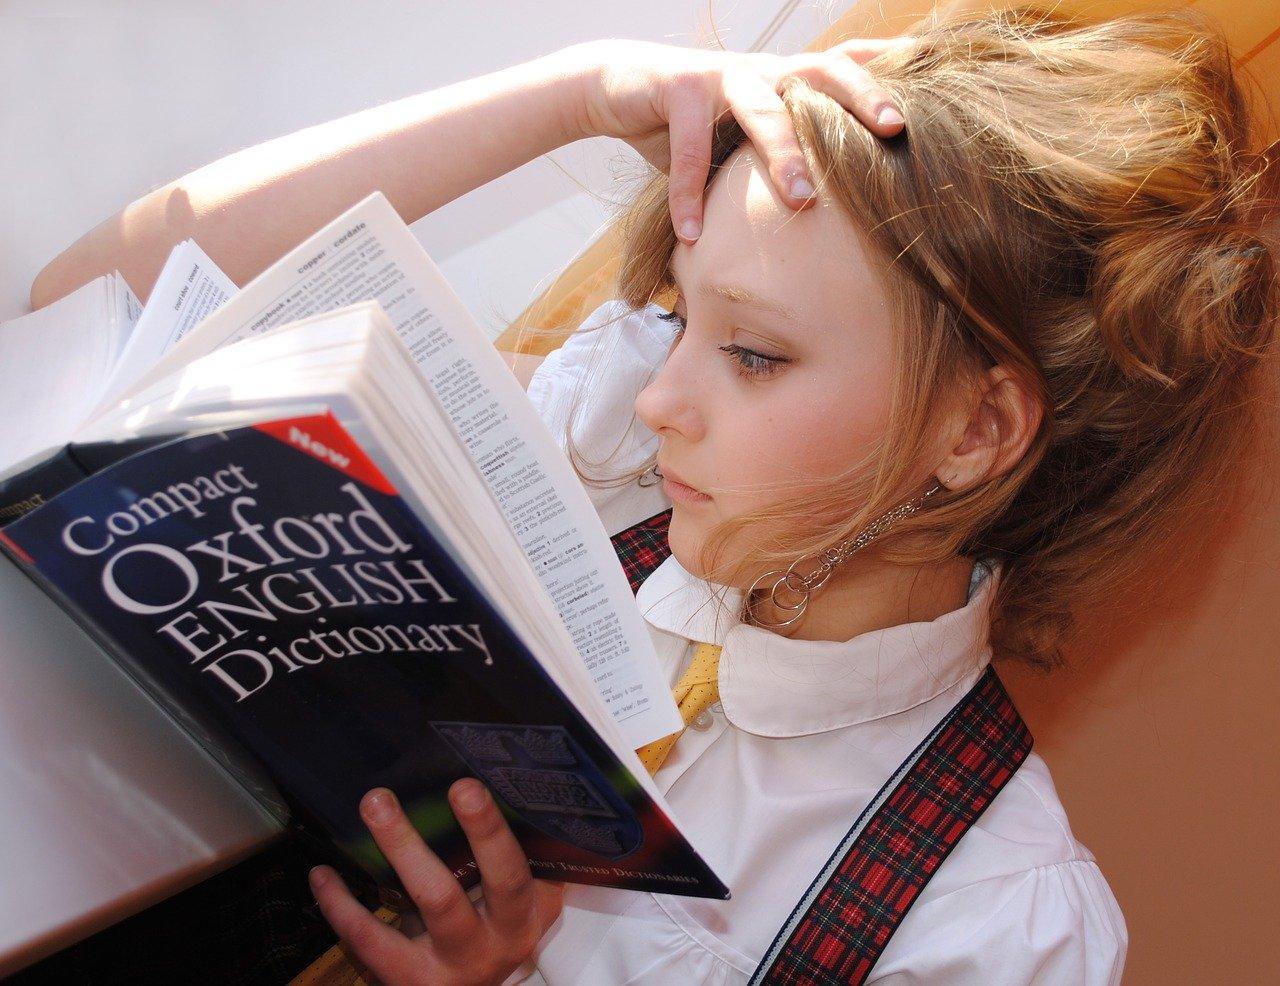 情報はネットで手に入る時代でも読書したほうがいいと言われる理由